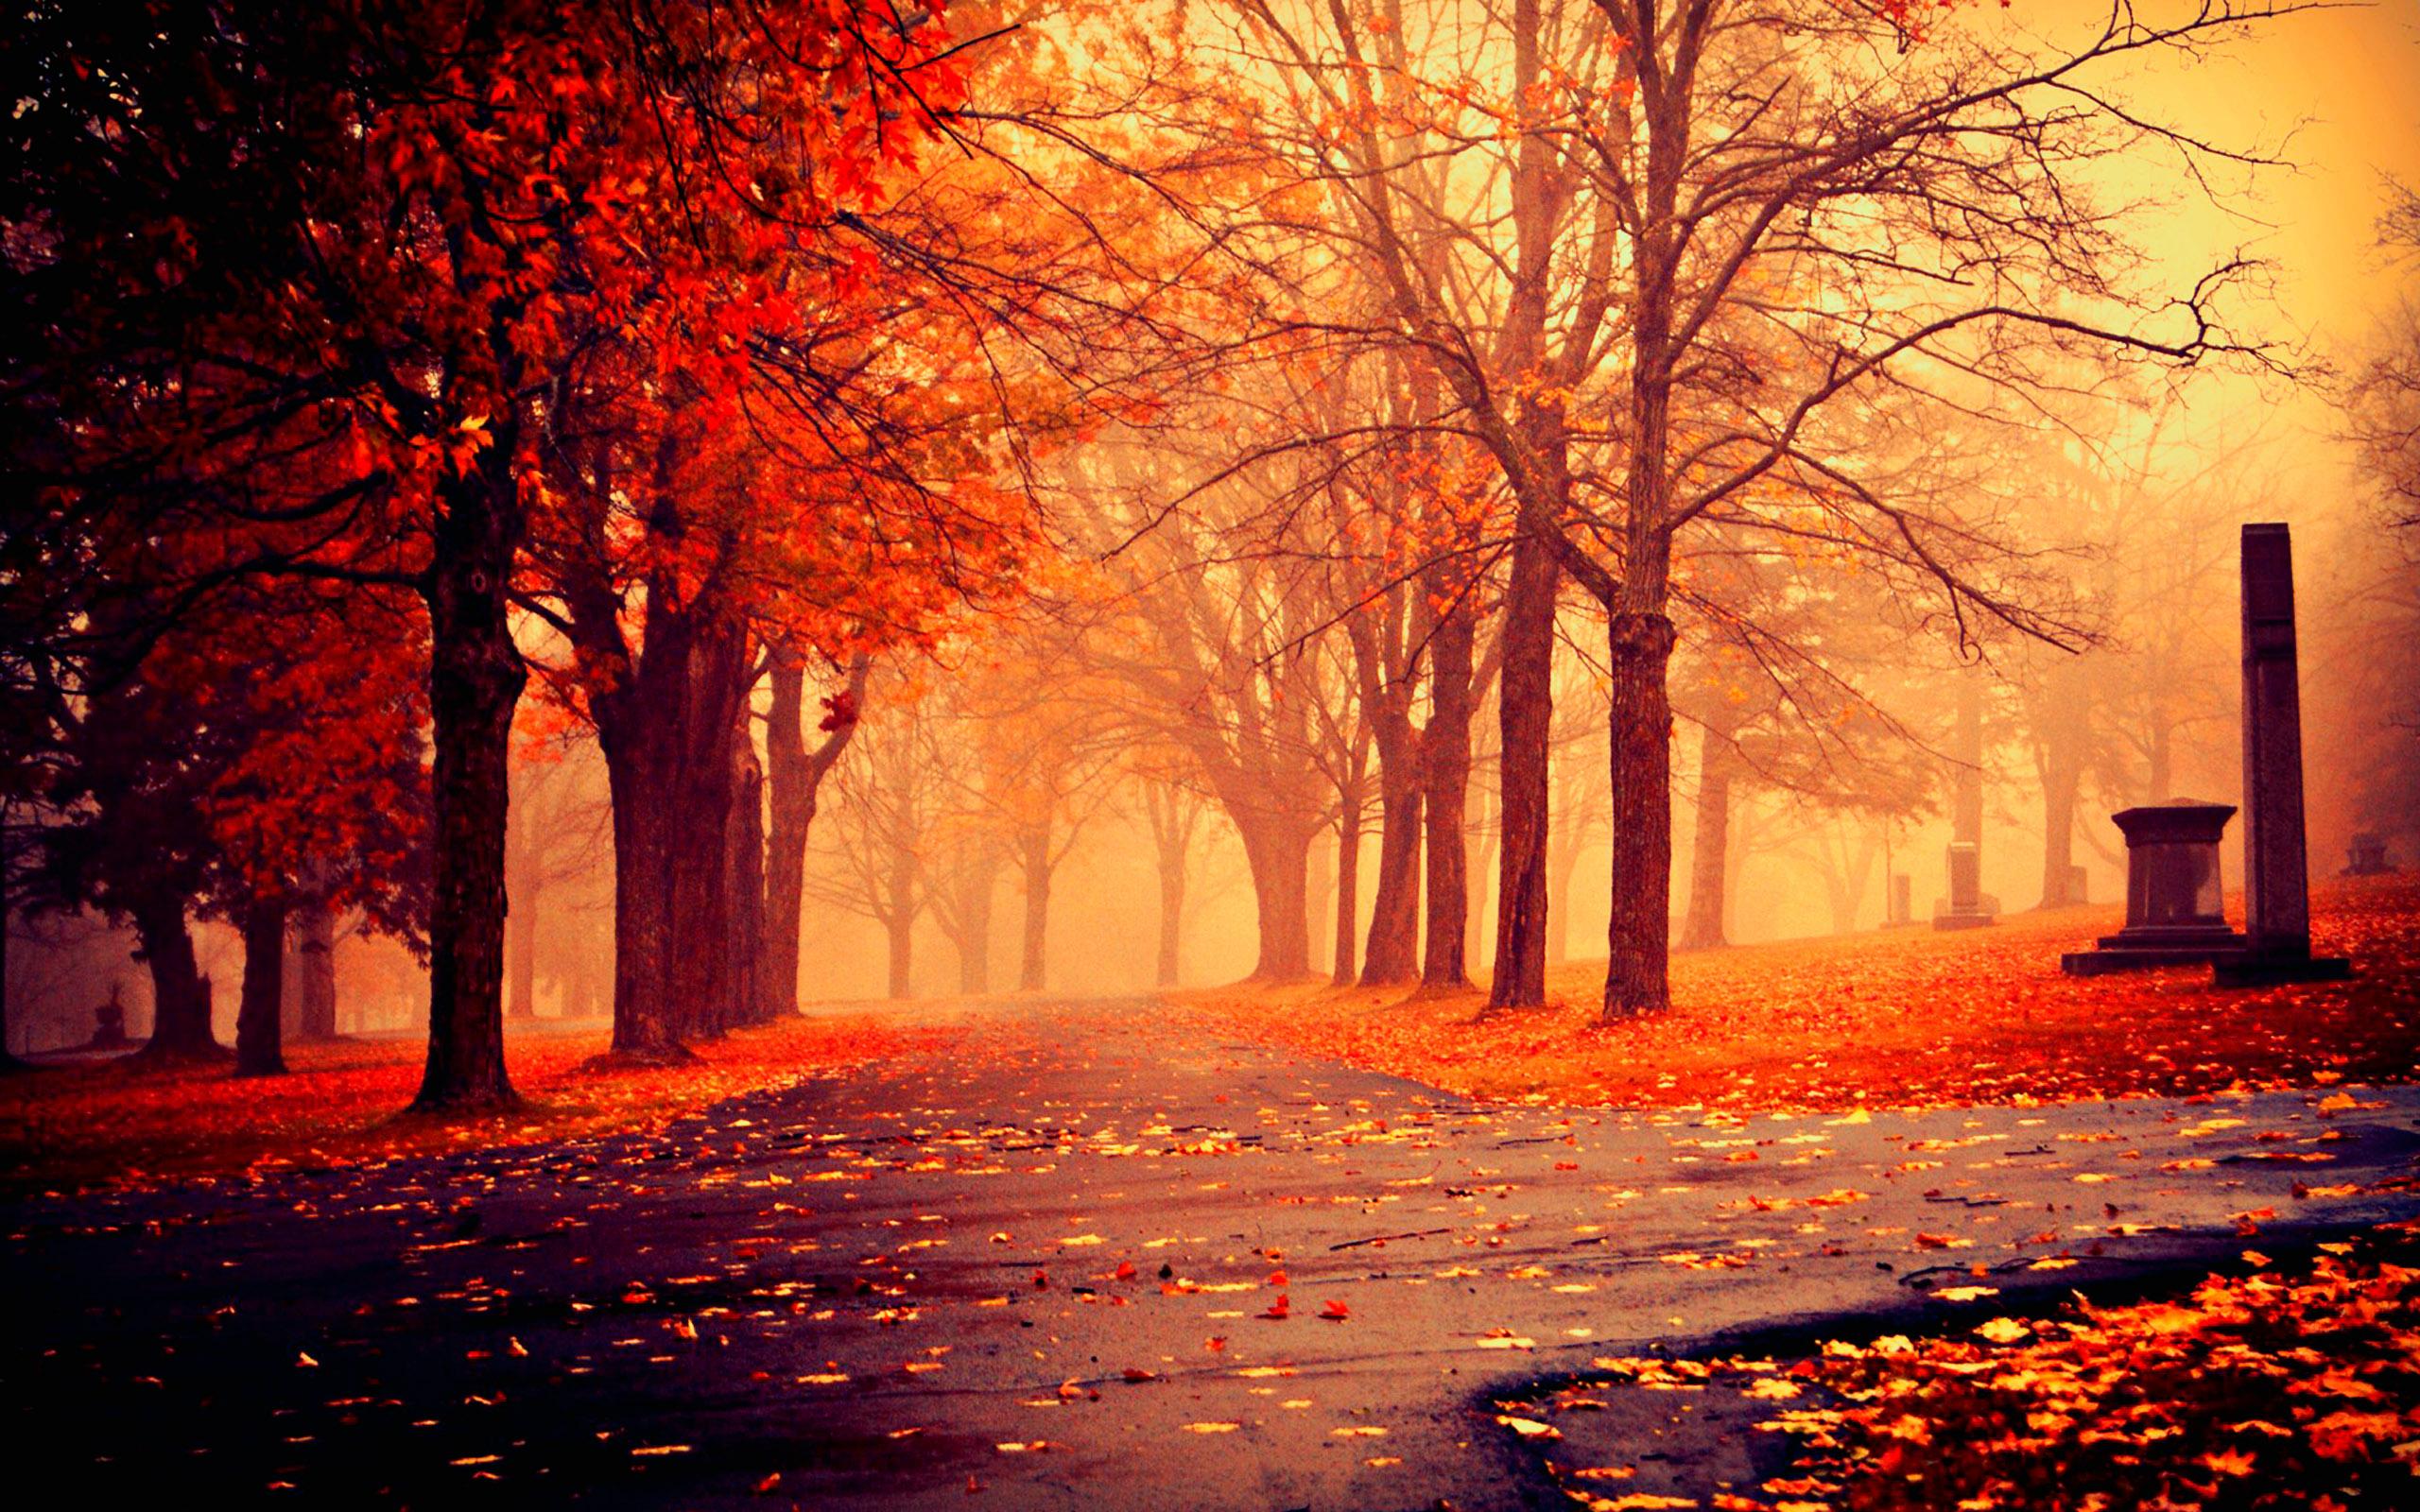 HD Autumn Image, Fall HD Autumn, #9775